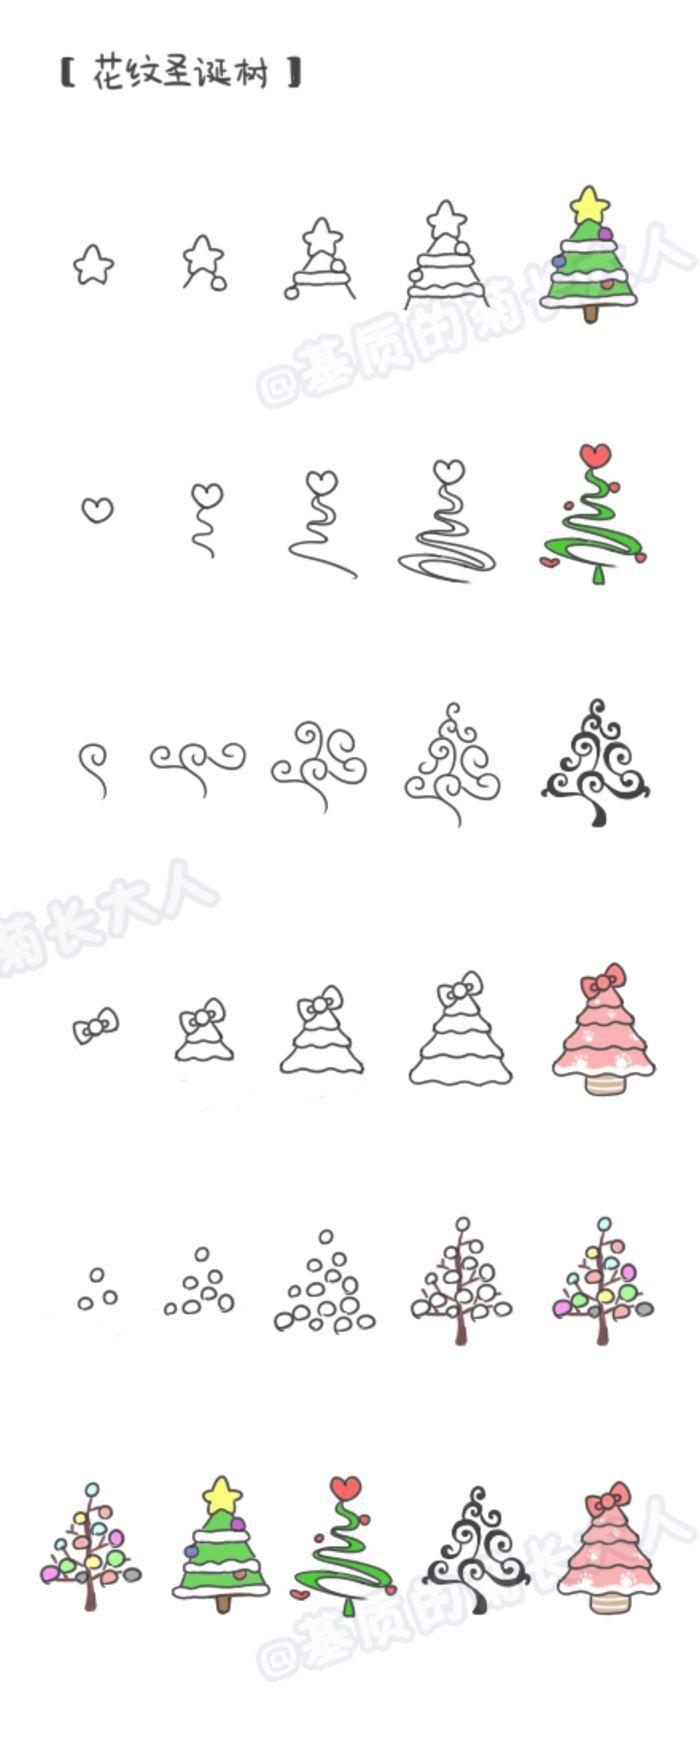 如何画圣诞树,来自@基质的菊长大人